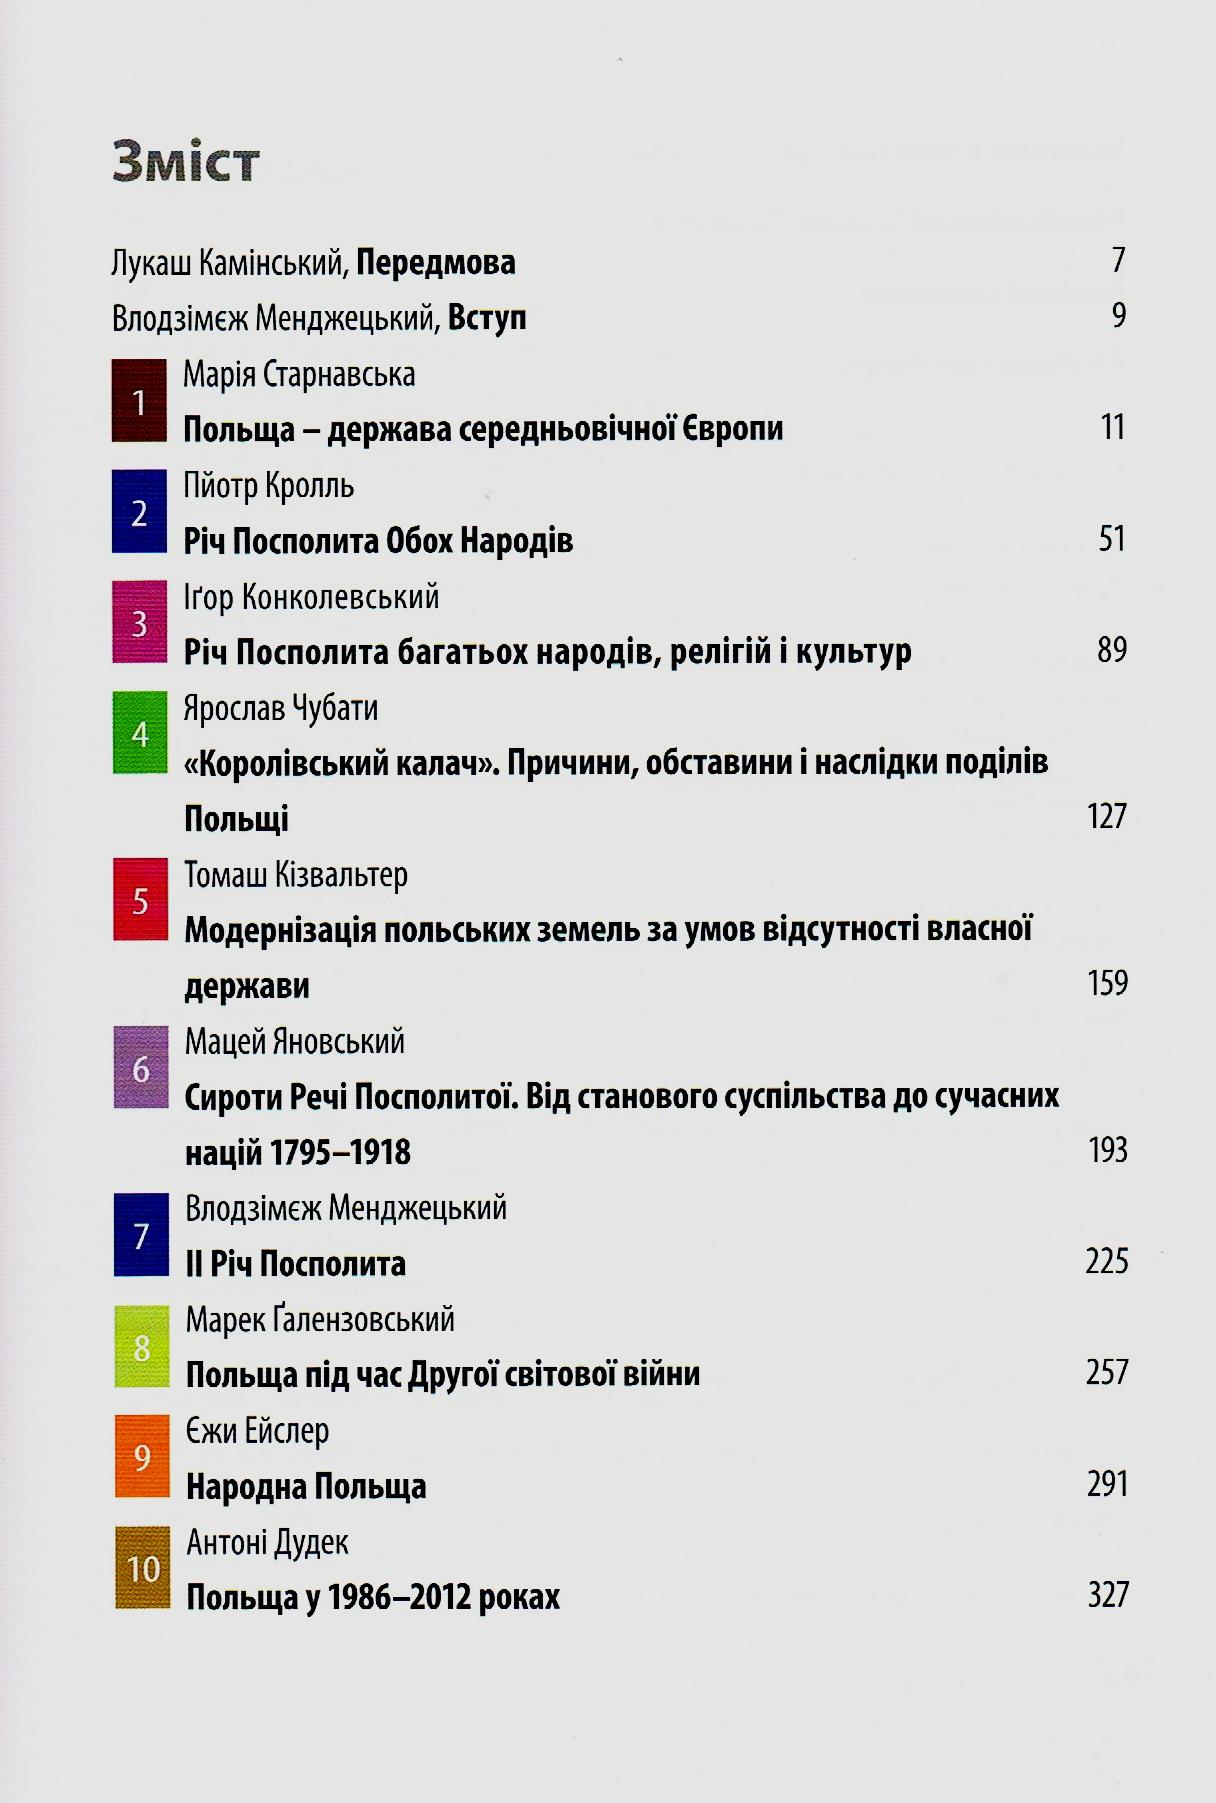 Hist. Polski w jęz. ukr. 14.11.2015 - spis treści